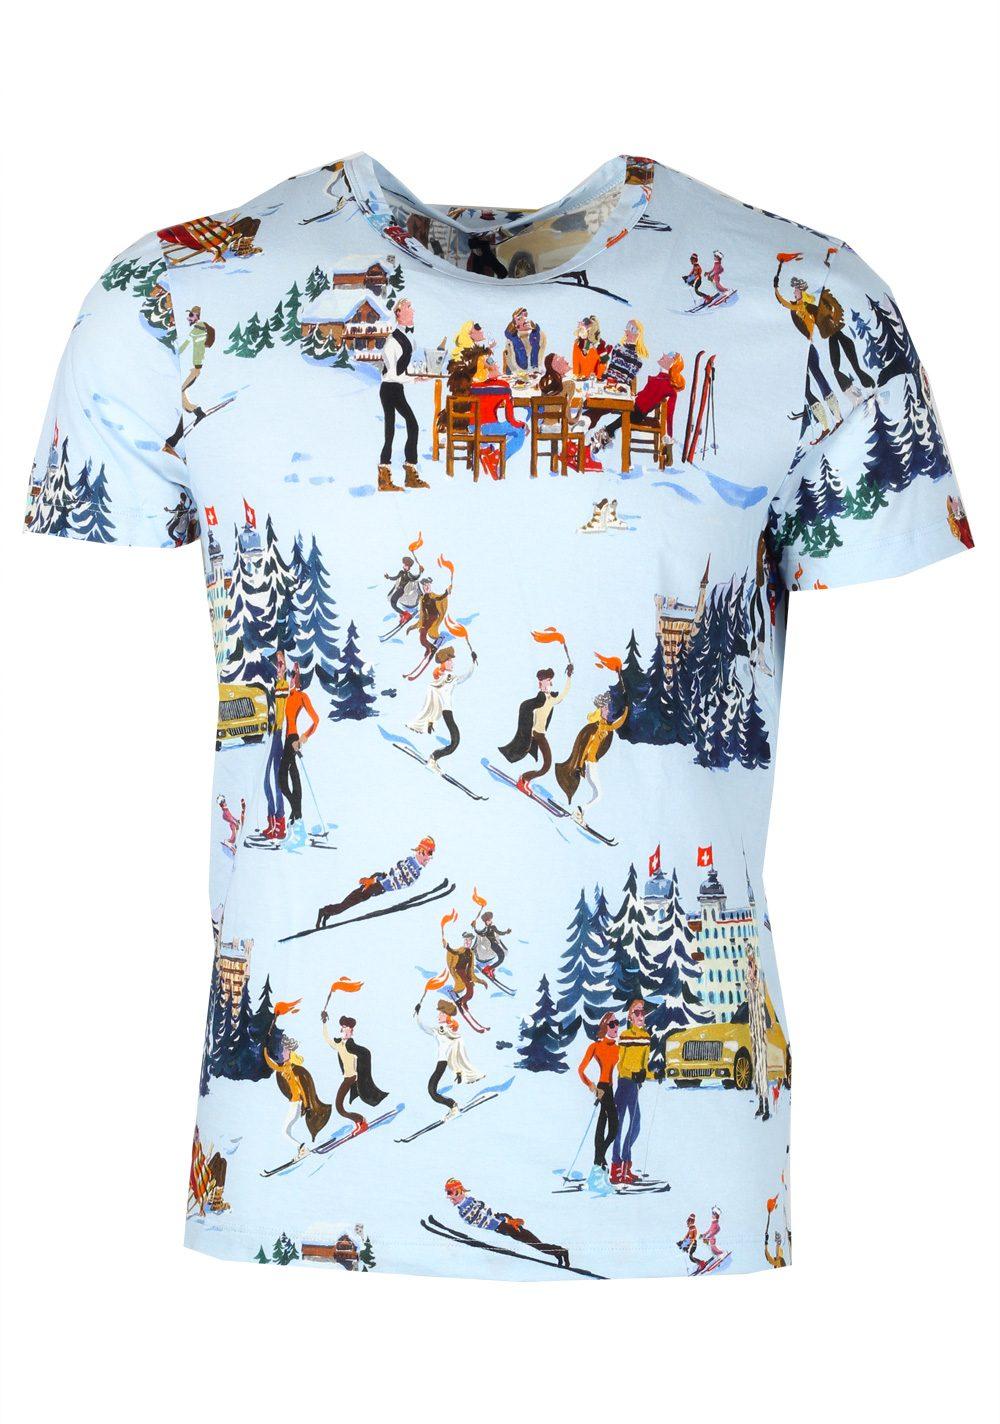 Moncler x Jean-Philippe Delhomme  Blue Tee Shirt Size S / 36R U.S.   Costume Limité